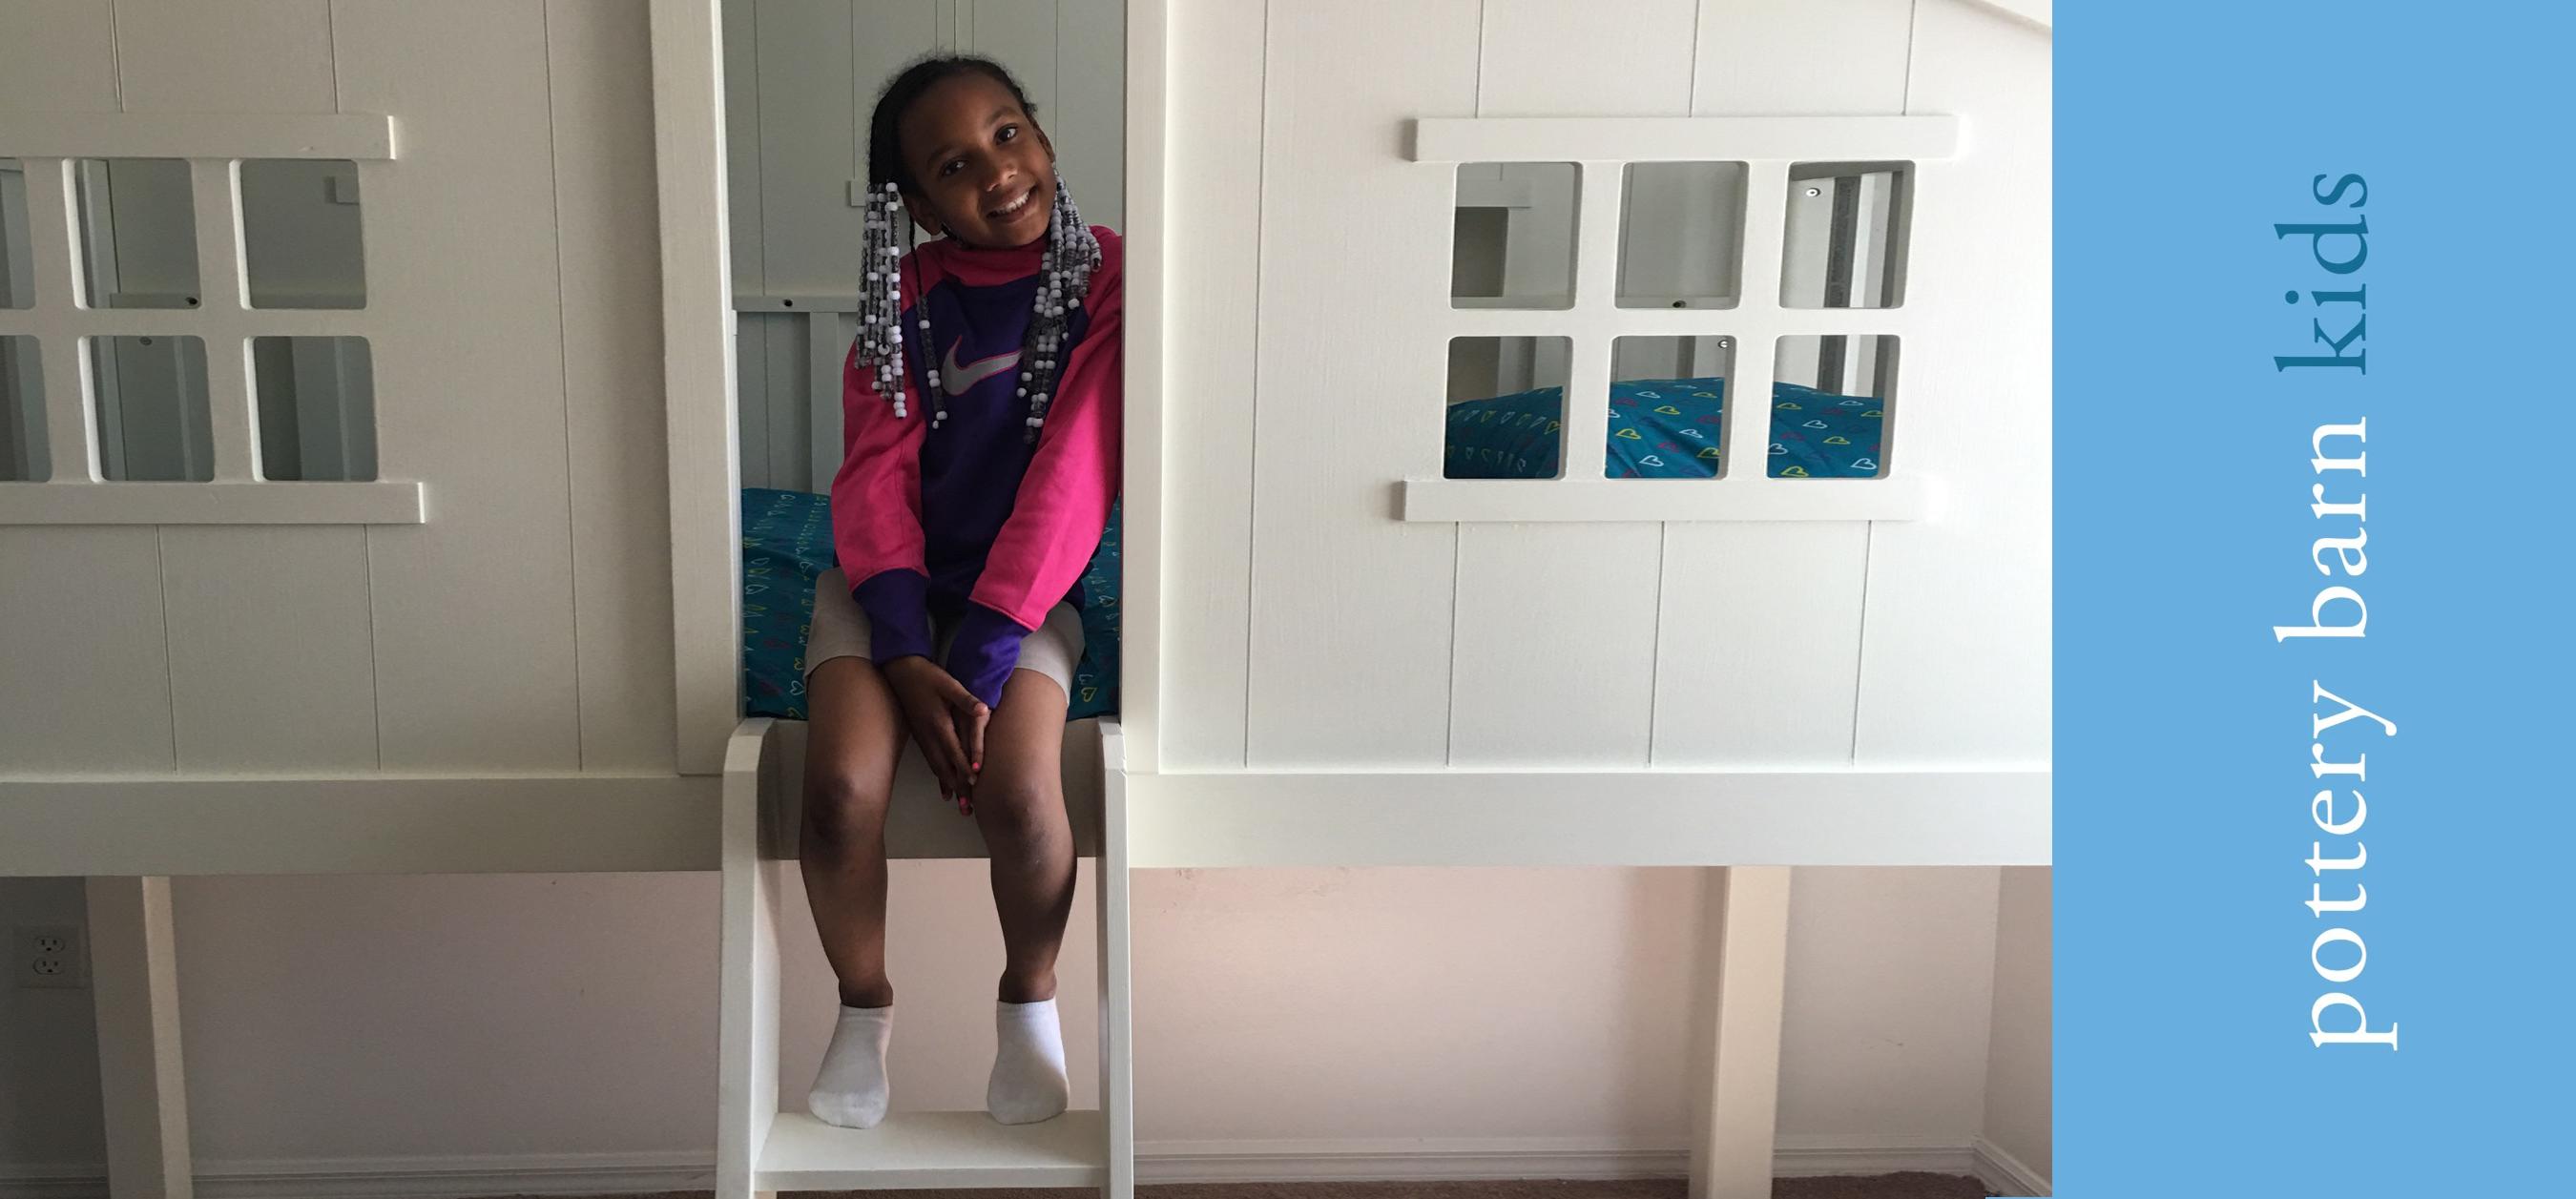 Pottery Barn Makes Children's Rooms a Dream Come True